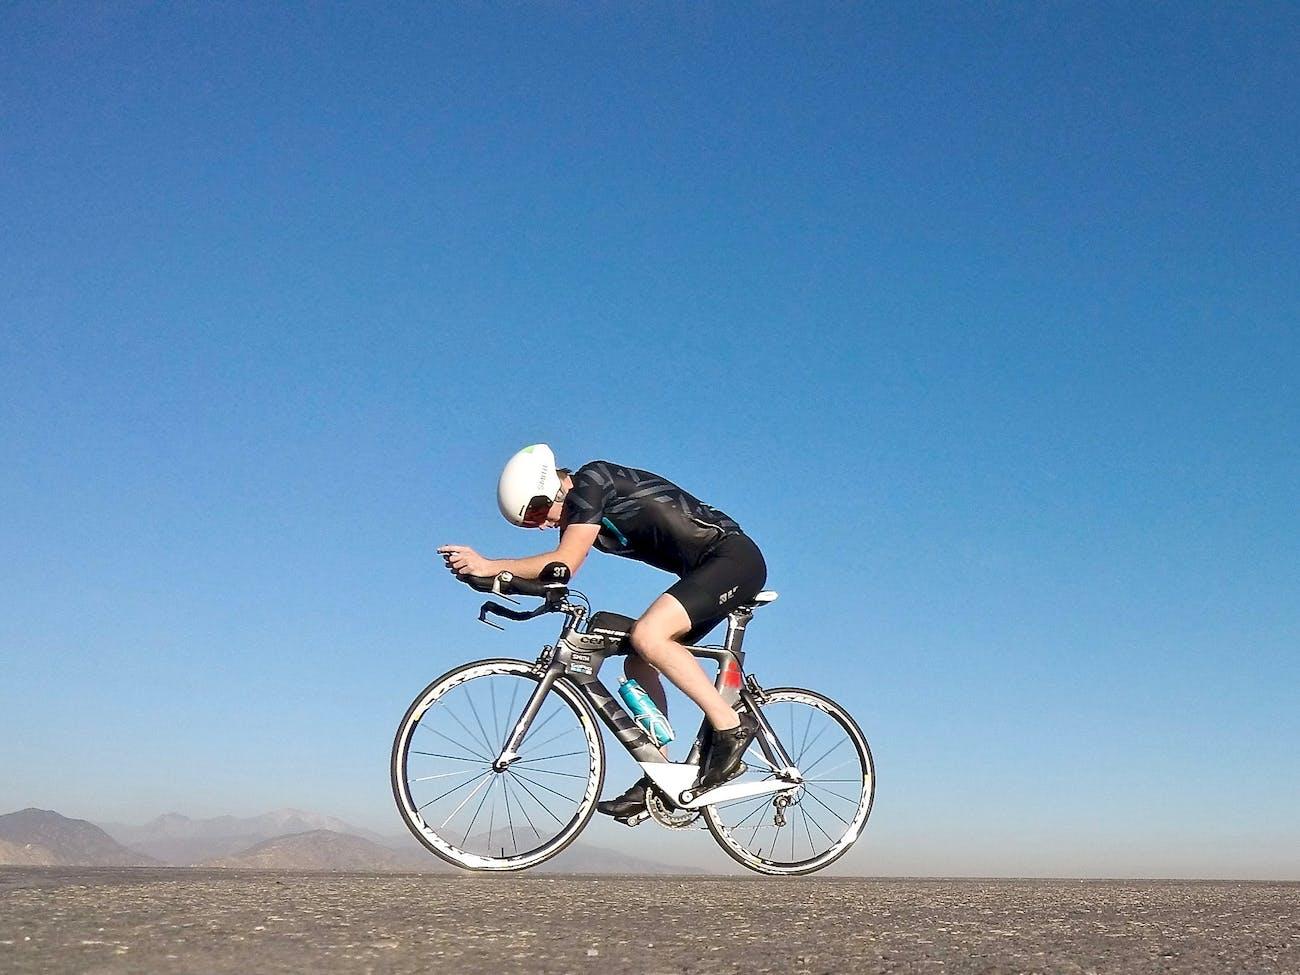 cycling, exercising